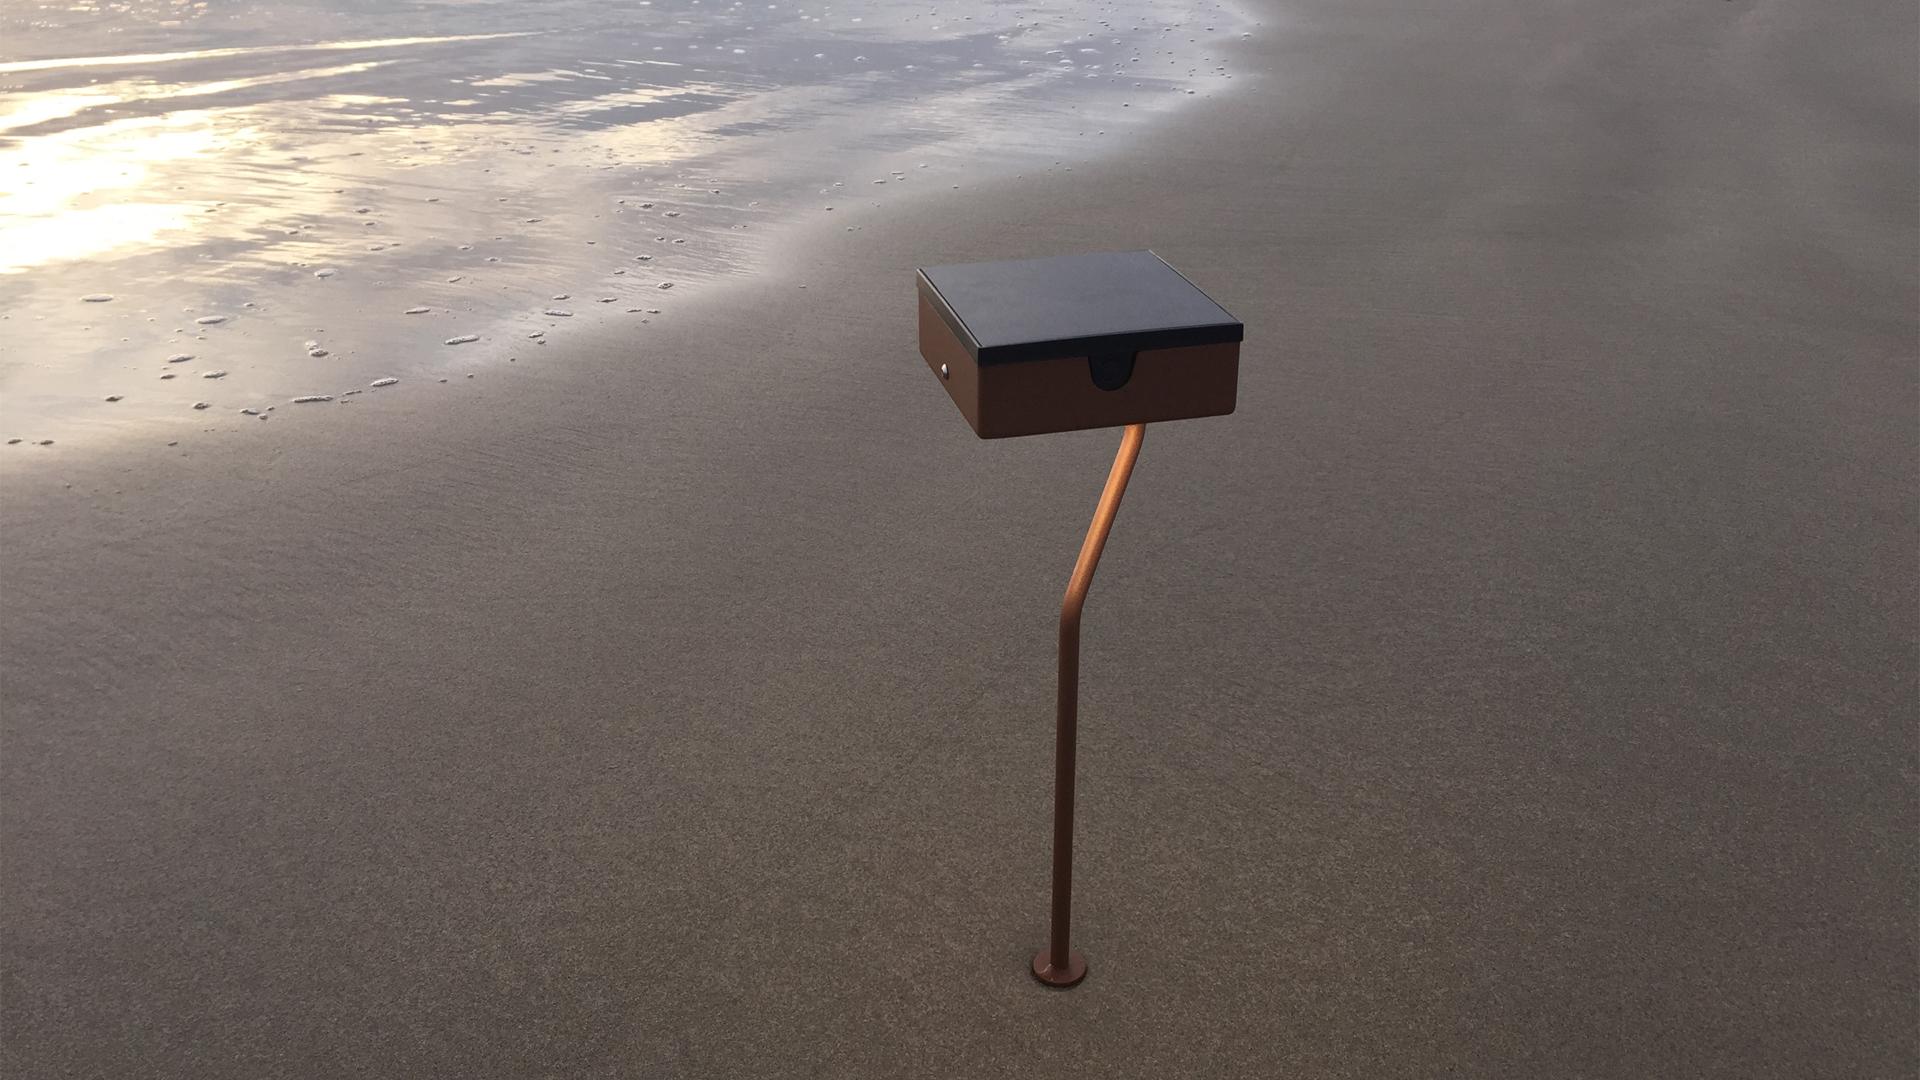 La borne solaire TEE est une borne solaire extérieure éditée par LYX Luminaires fabriquée en acier inoxydable. Cette borne solaire permet un éclairage performant et un éclairage puissant. Le luminaire extérieur solaire TEE dispose d'un capteur solaire performant. TEE est une lampe autonome solaire idéale pour l'éclairage d'entrée, l'éclairage de terrasses, l'éclairage de jardins. La lampe d'extérieur solaire TEE est également équipée d'un détecteur de mouvement / détecteur de présence. Les lampes extérieures solaires LYX Luminaires offrent un éclairage design un éclairage original et un éclairage moderne. / Lampe extérieure jardin pour un éclairage extérieur design. Version lampe solaire jardin ou lampe jardin LED. Cette lampe de jardin ou lampe terrasse est une lampe de jardin avec détecteur. Fabriquée en acier, la lampe jardin détecteur permet un éclairage solaire ou un éclairage LED puissant selon le modèle choisi. Découvrez la collection de luminaires extérieurs constituée de lampes solaires et lampes LED. Vaste collection d'appliques extérieures / appliques murales : applique murale extérieure solaire, applique murale LED, applique extérieure design. Les appliques extérieures murales sont de fabrication française. Lampe solaire idéale pour l'éclairage de terrasses, de jardin. Lampe solaire terrasse, lampe extérieure terrasse permettant un éclairage performant. La lampe extérieure est équipée d'un détecteur de présence. Le luminaire extérieur doté d'un détecteur de mouvement, éclaire au passage d'une personne d'une voiture. Lampe extérieure détecteur puissante et efficace, au design épuré et moderne.